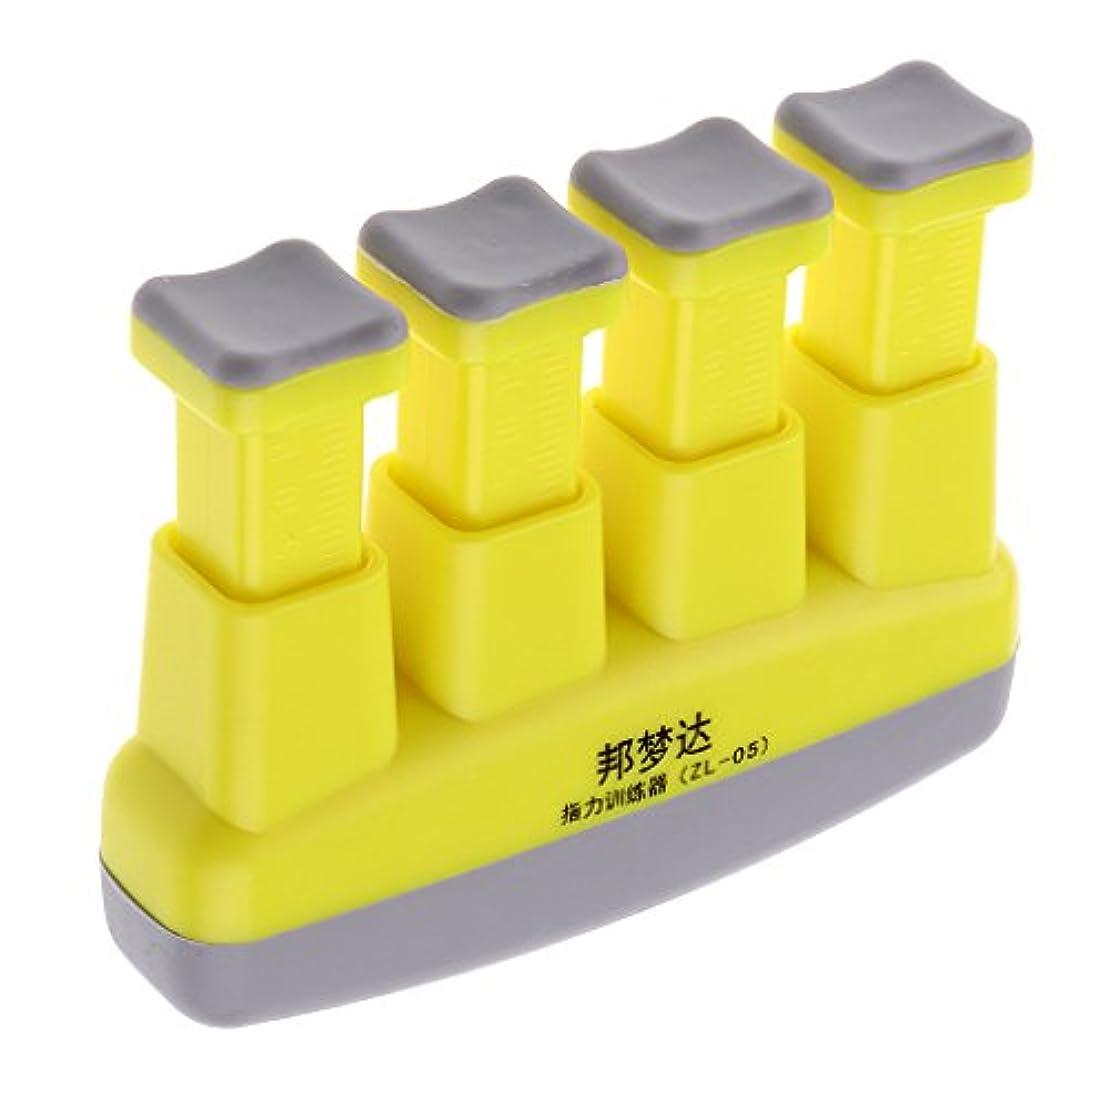 バージン地中海家具Kesoto ハンドグリップ エクササイザ 4-6ポンド 調節可 ハンド 手首 腕 グリップ グリッパー 黄色 ABS +シリコン